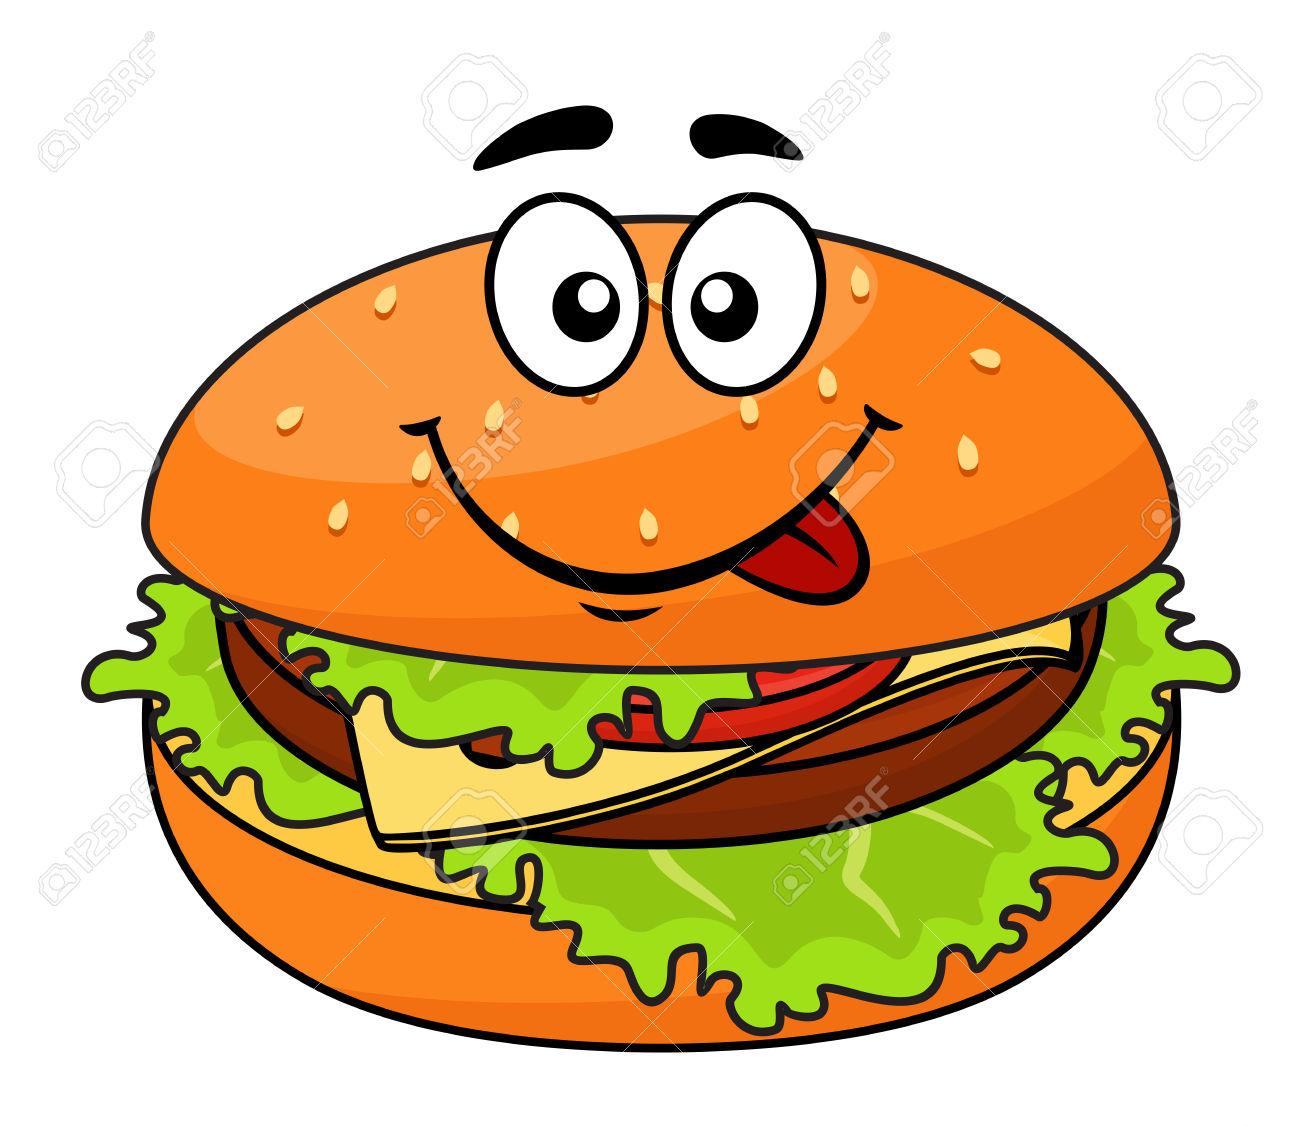 Burger free download best. Cheeseburger clipart cartoon